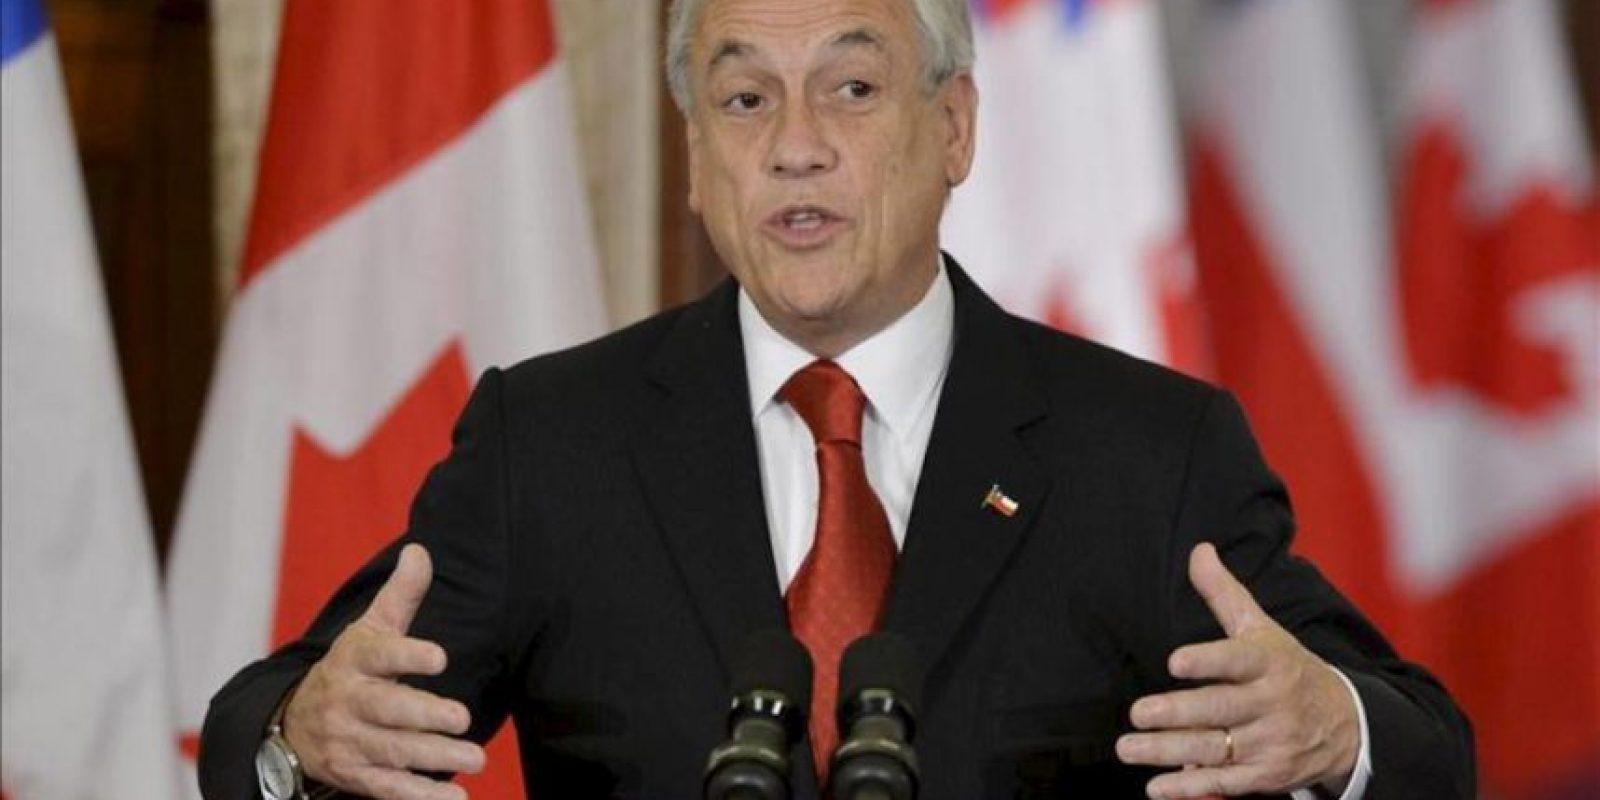 El presidente de Chile Sebastián Piñera habla junto al primer ministro de Canadá Stephen Harper (fuera de cuadro) durante una rueda de prensa hoy, jueves 30 de mayo de 2013, en la sede del Parlamento en Ottawa (Canadá). EFE